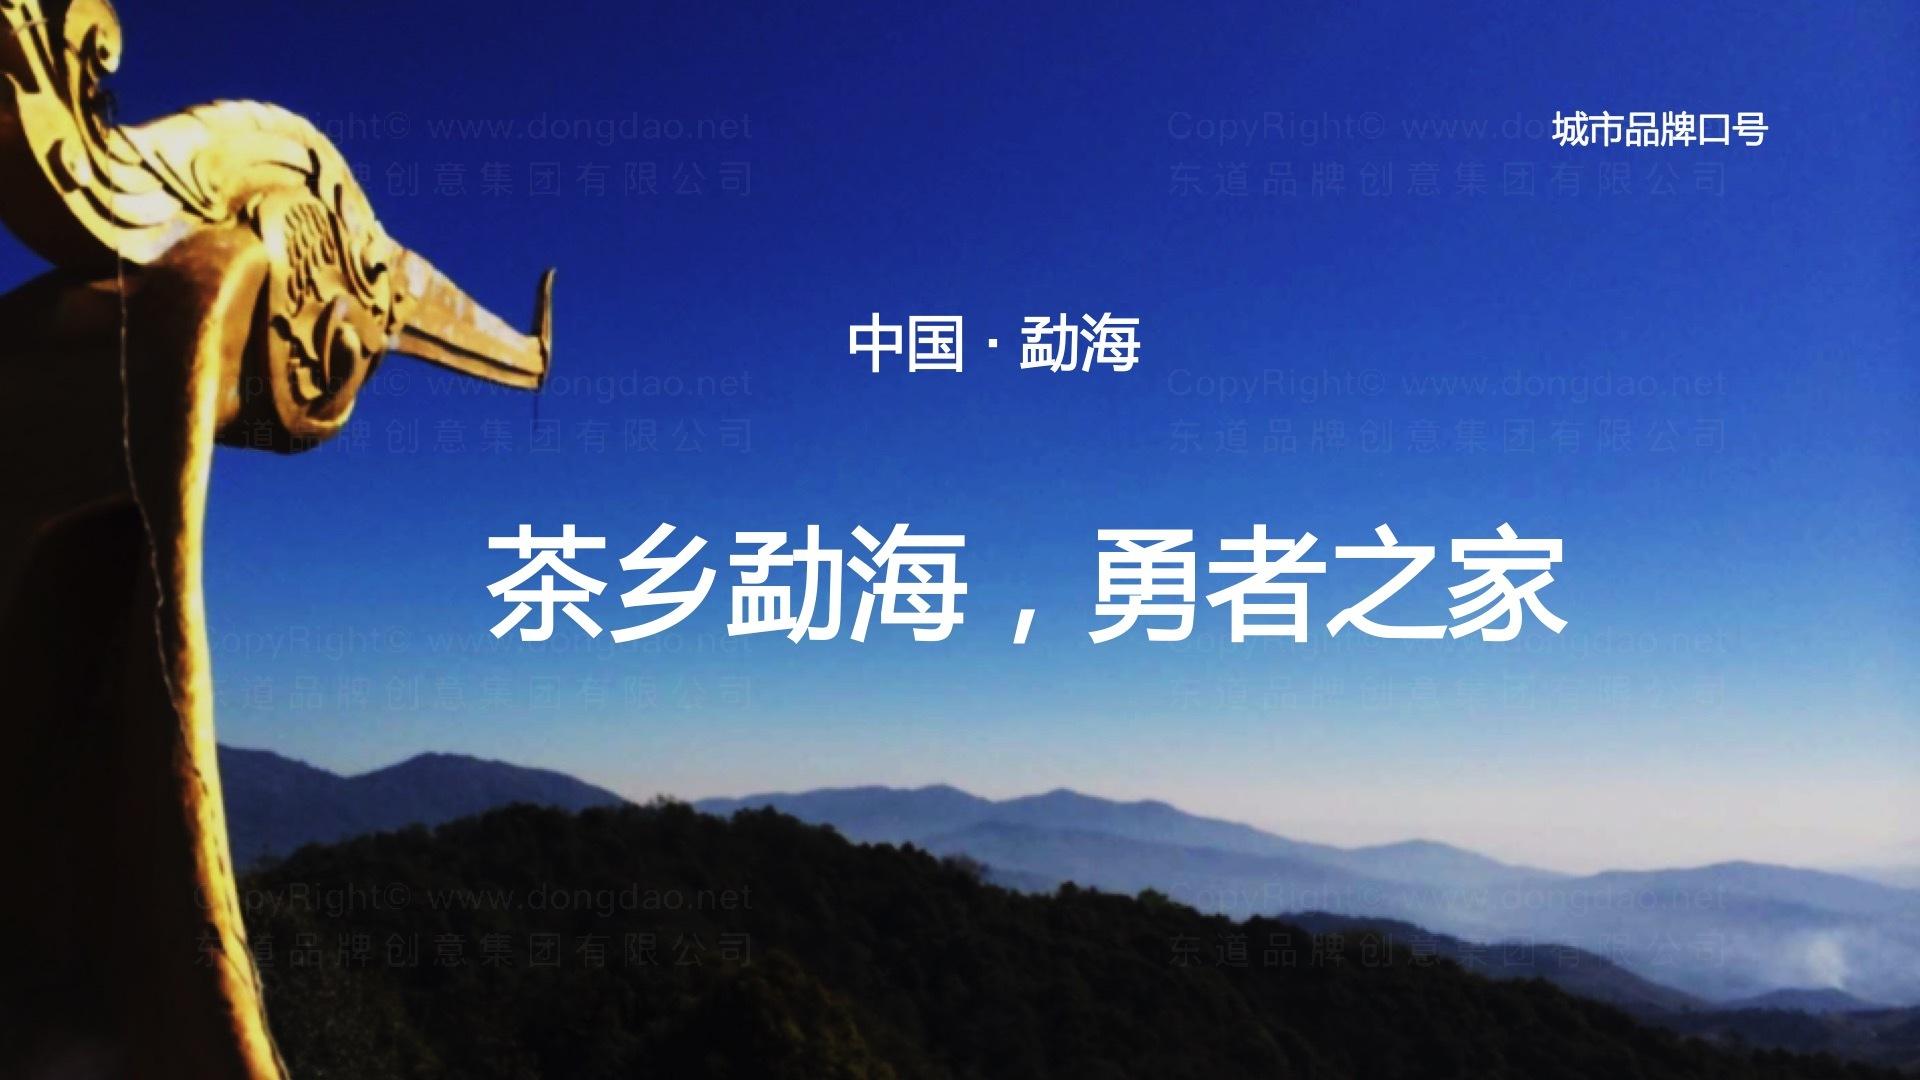 品牌战略&企业文化勐海城市品牌战略应用场景